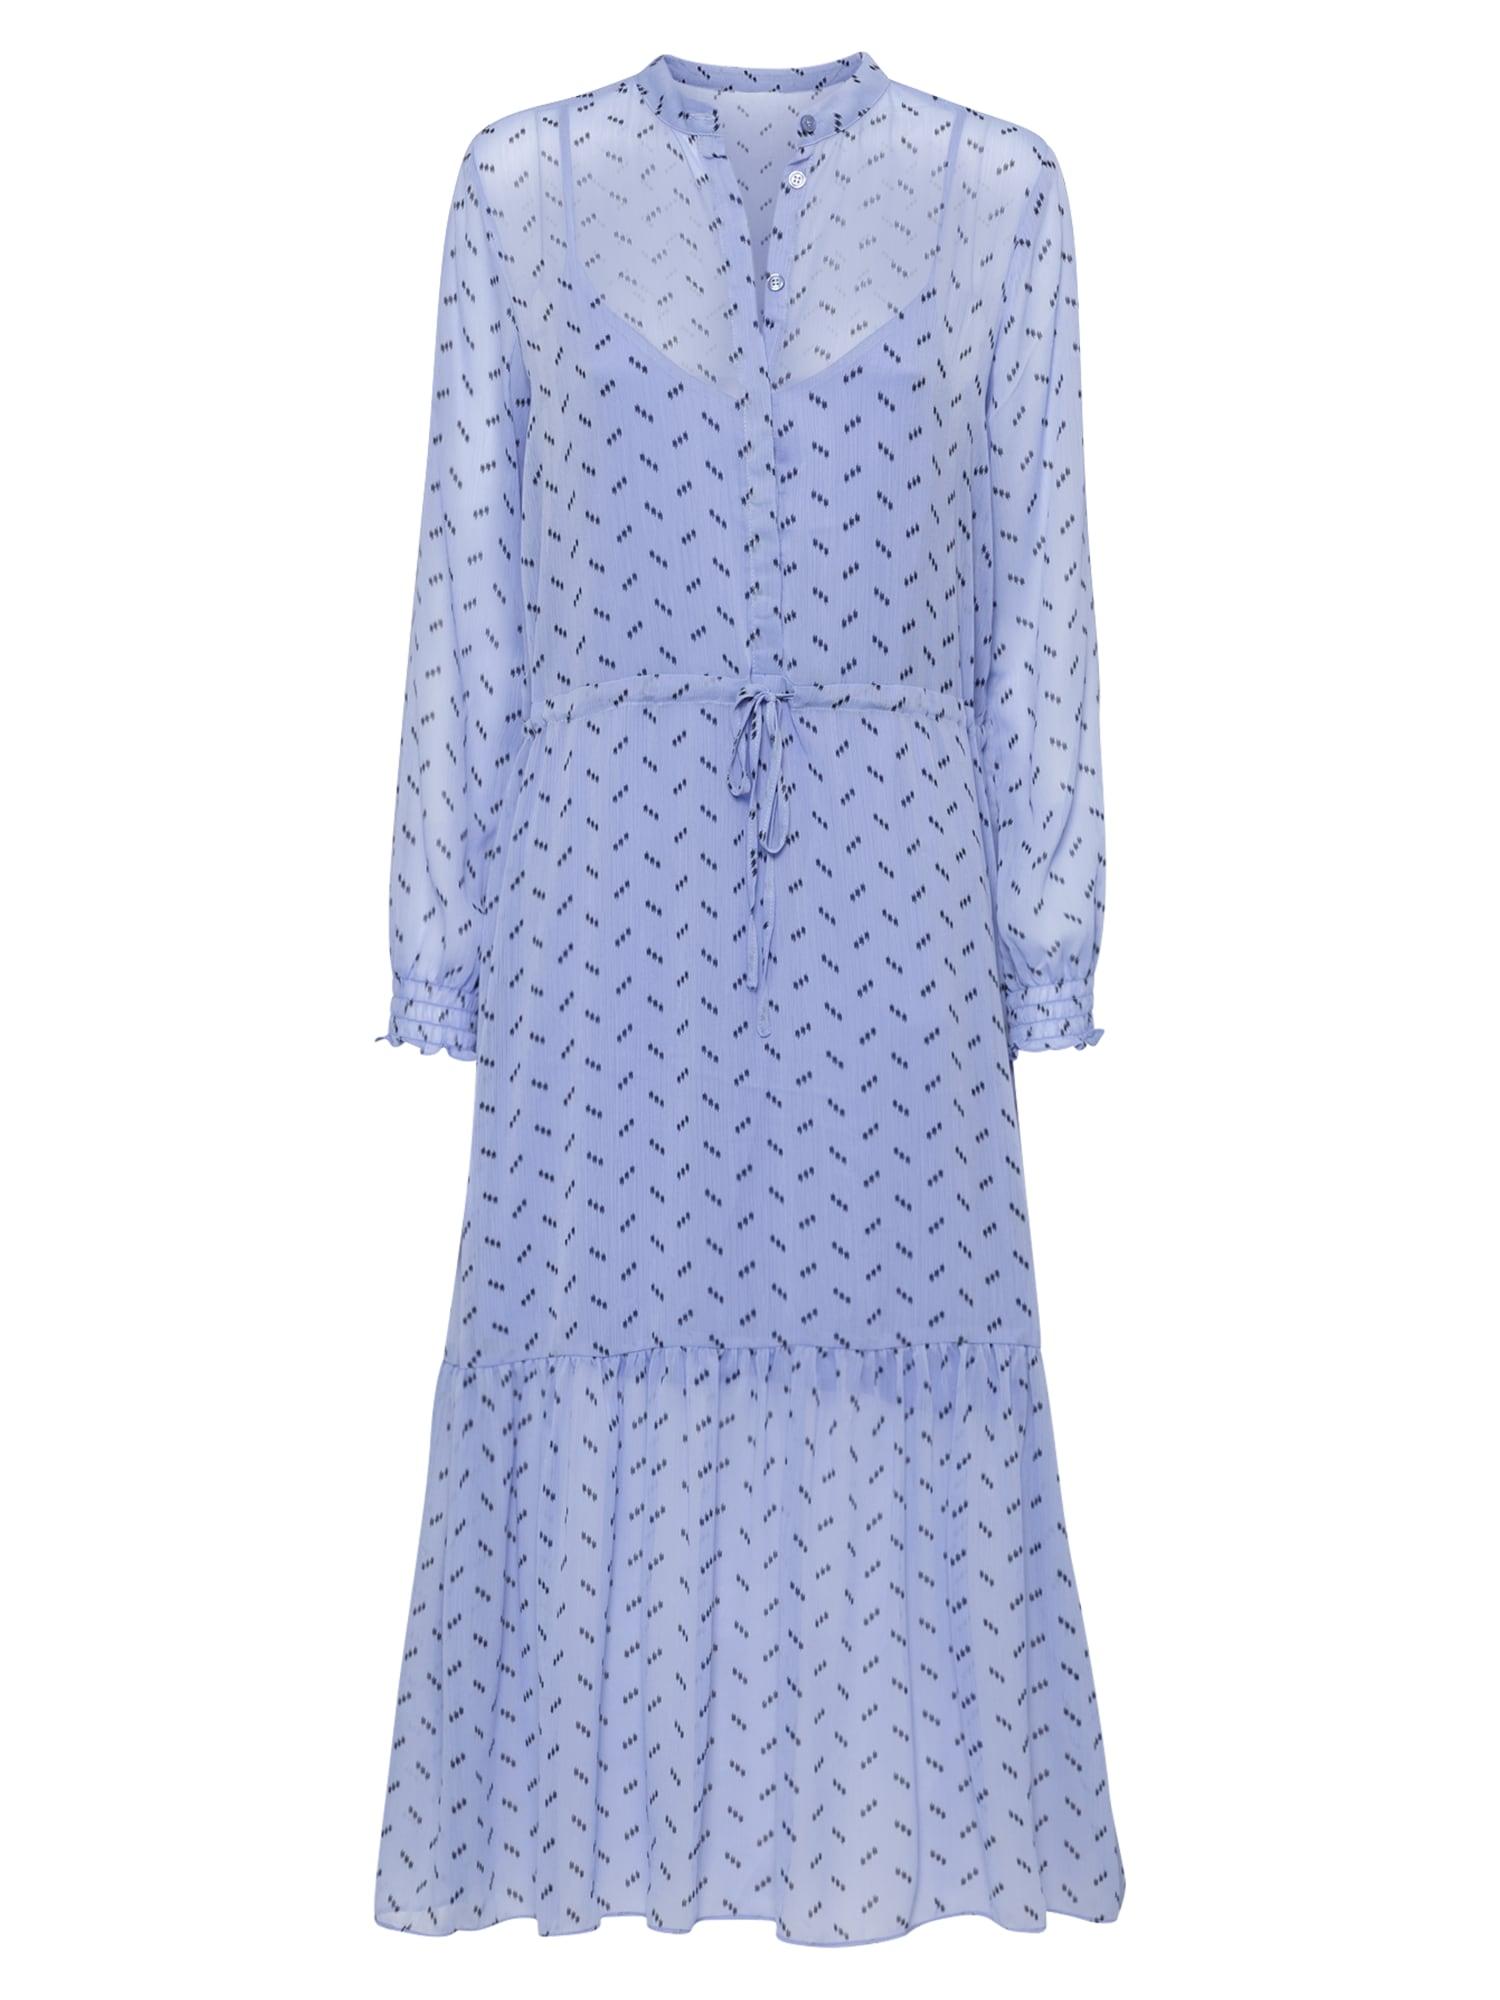 mbym Robe-chemise 'Diaz'  - Bleu - Taille: L - female